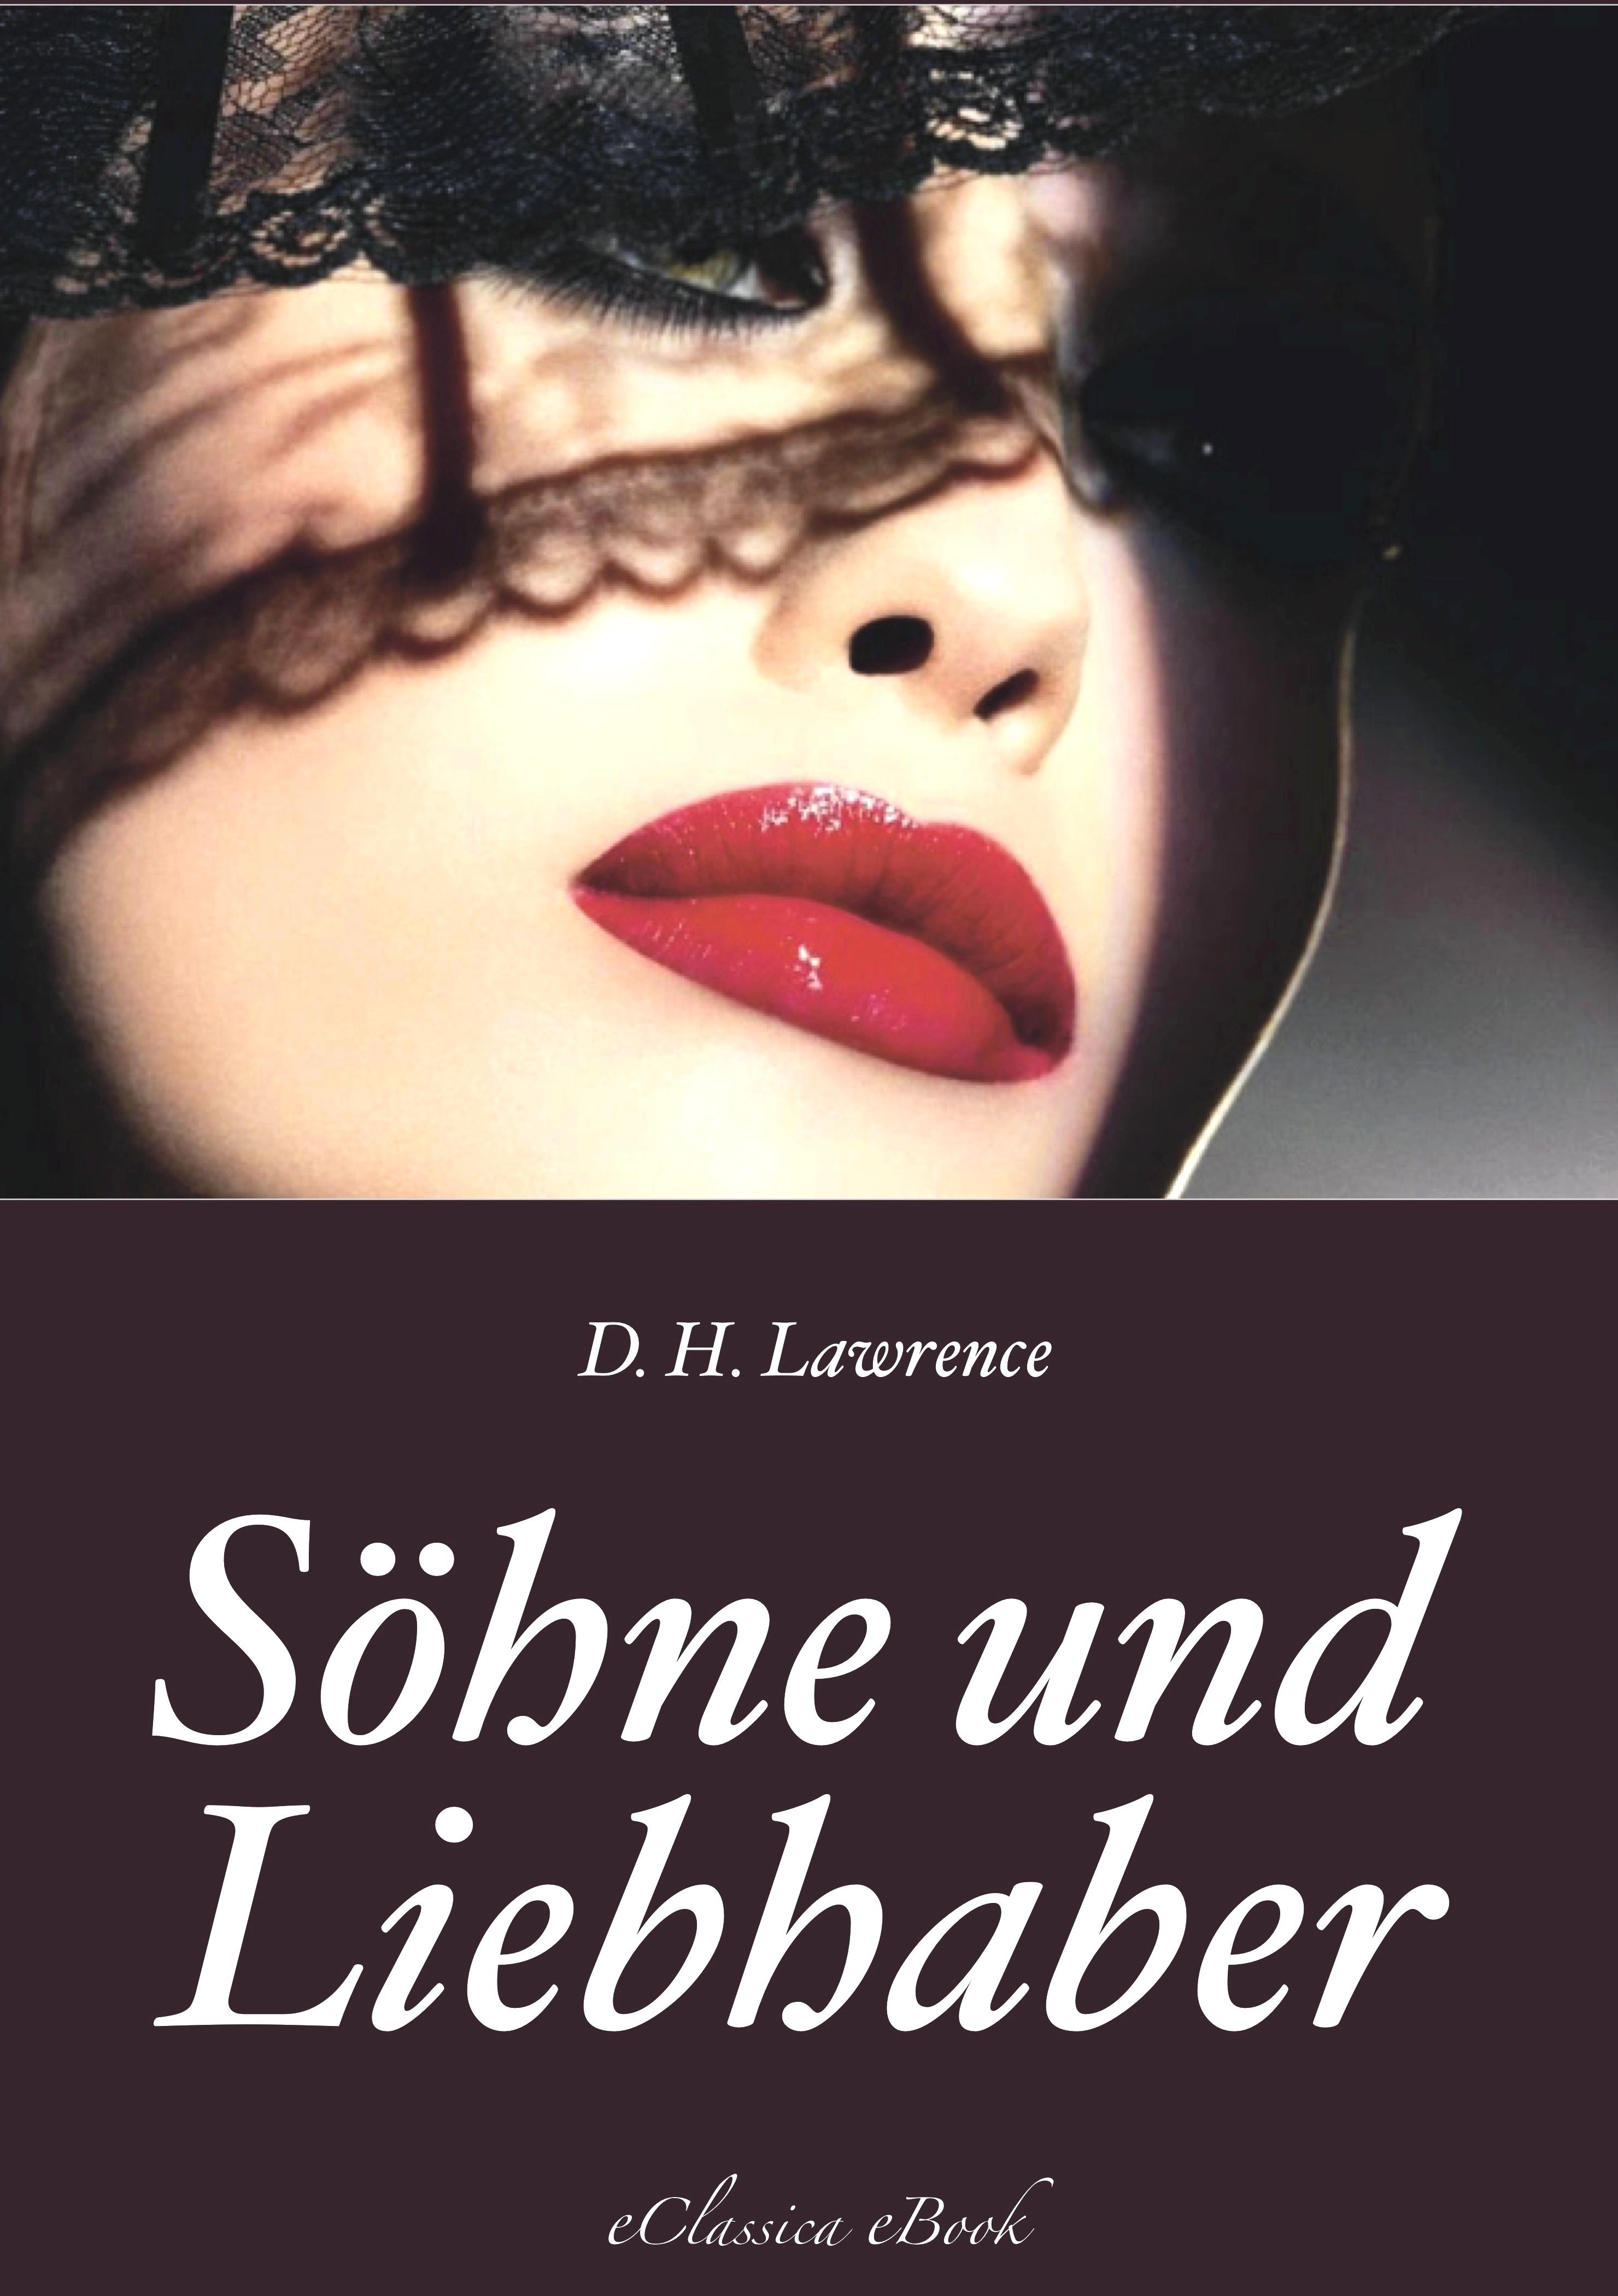 D. H. Lawrence Söhne und Liebhaber